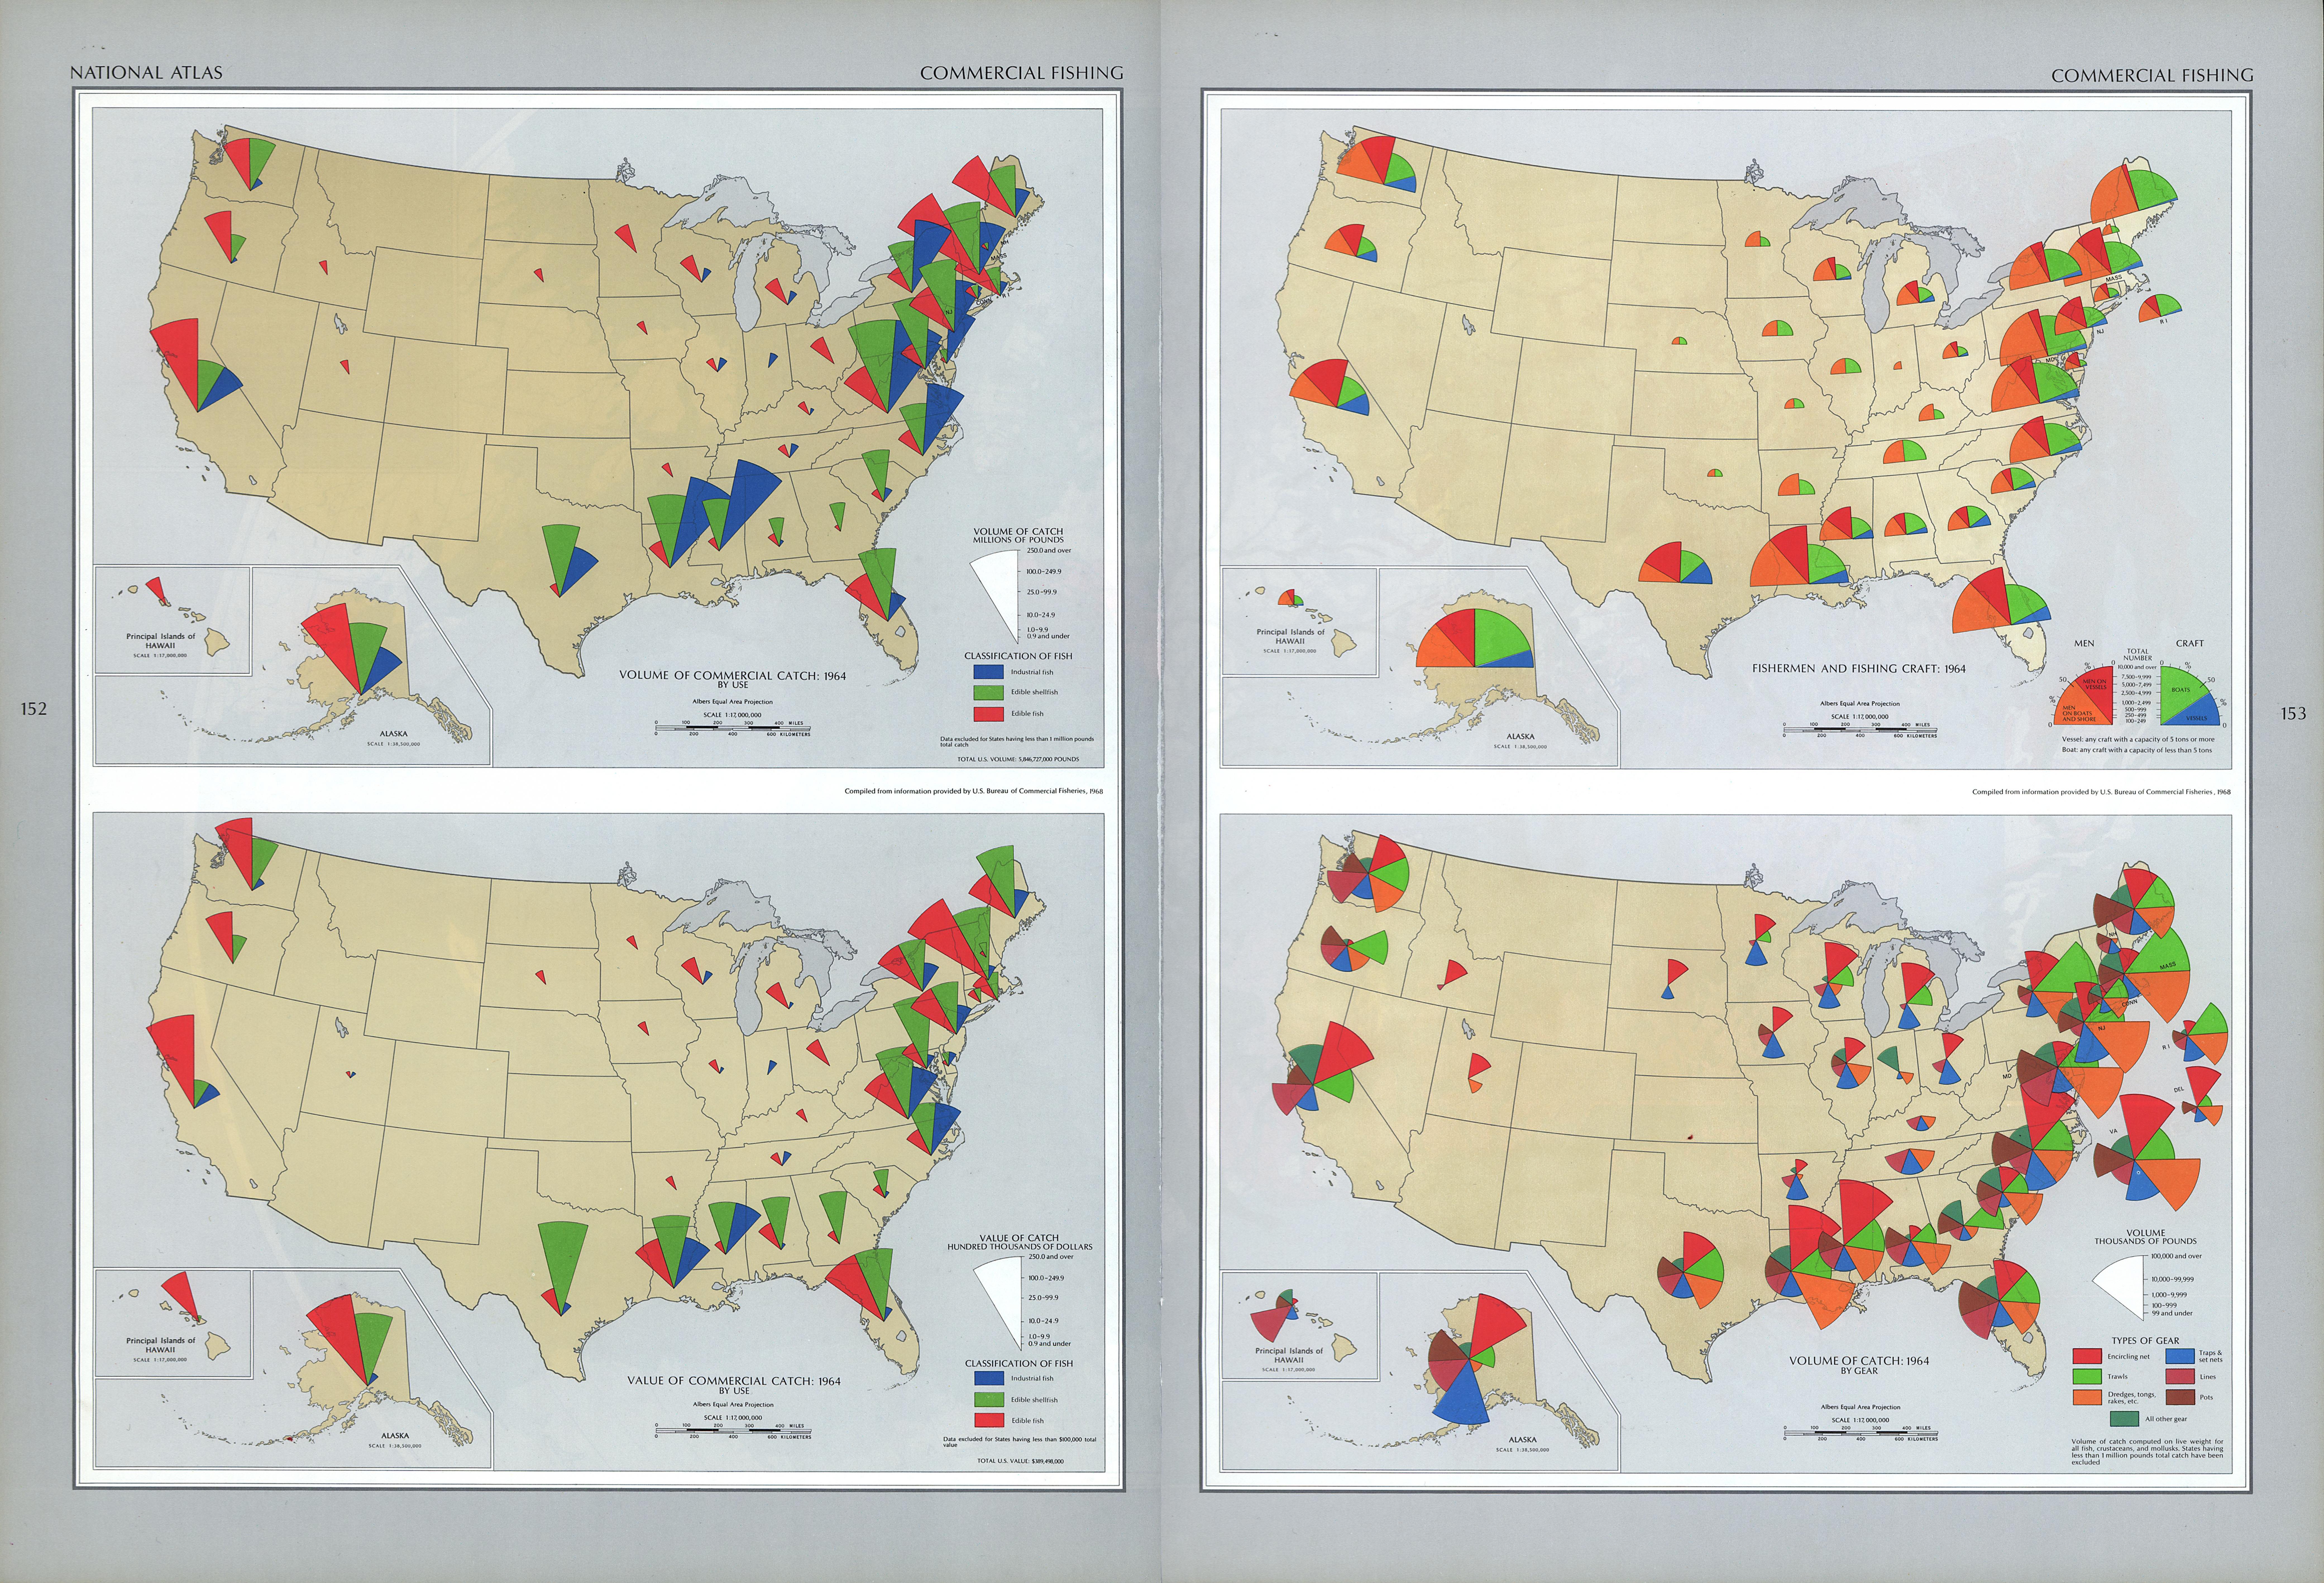 Mapa de la Pesca Comercial en Estados Unidos